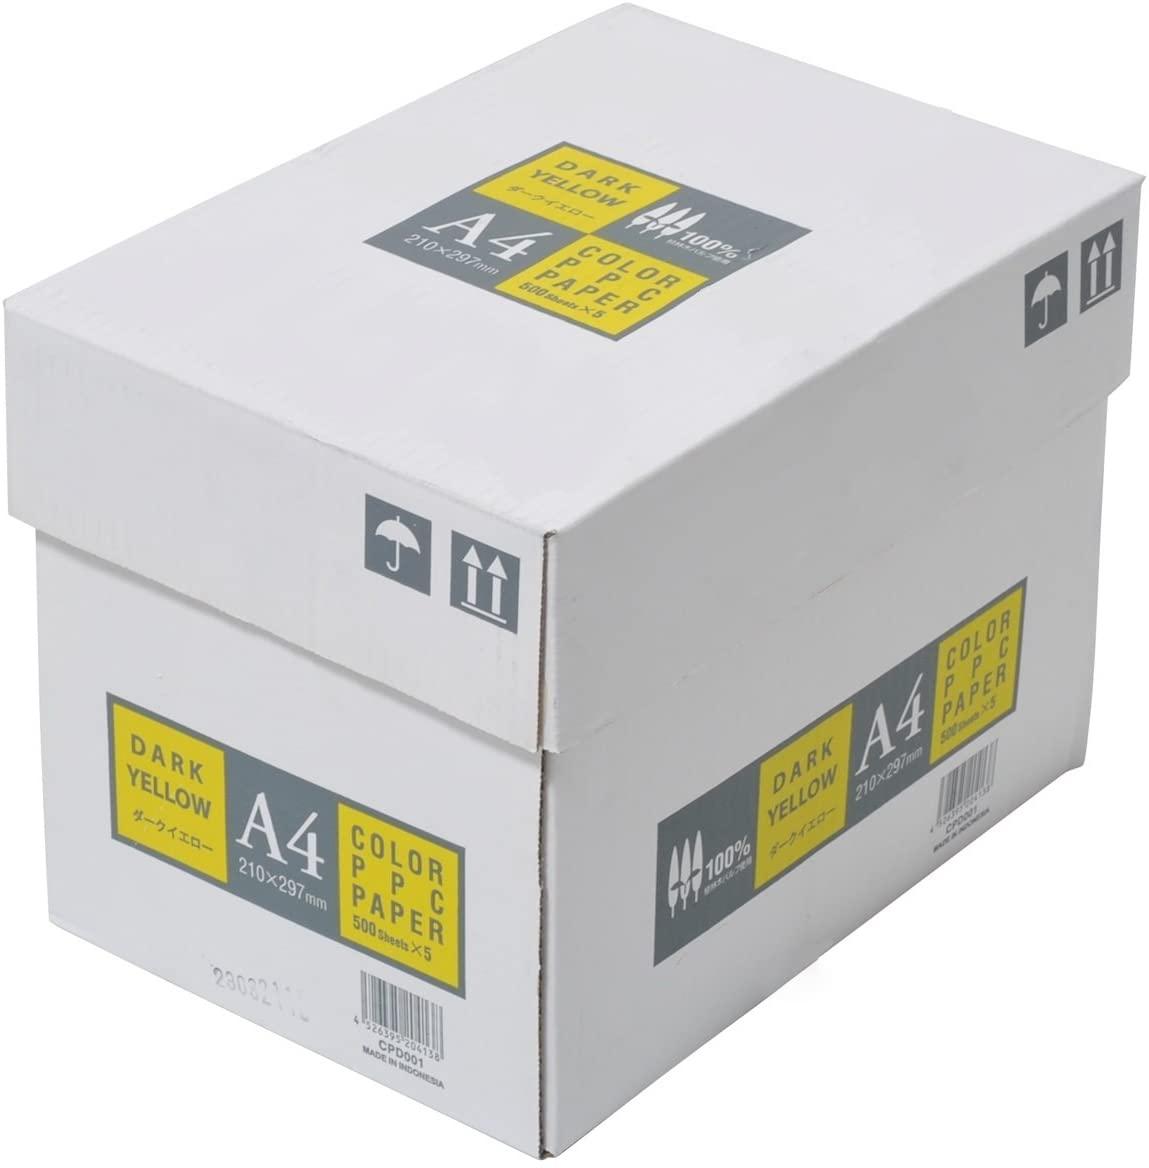 APPJ カラーコピー用紙 A4 5000枚 (500枚×10〆) ダークイエロー(黄) or オレンジ沖縄は9800円以上 送料無料画像